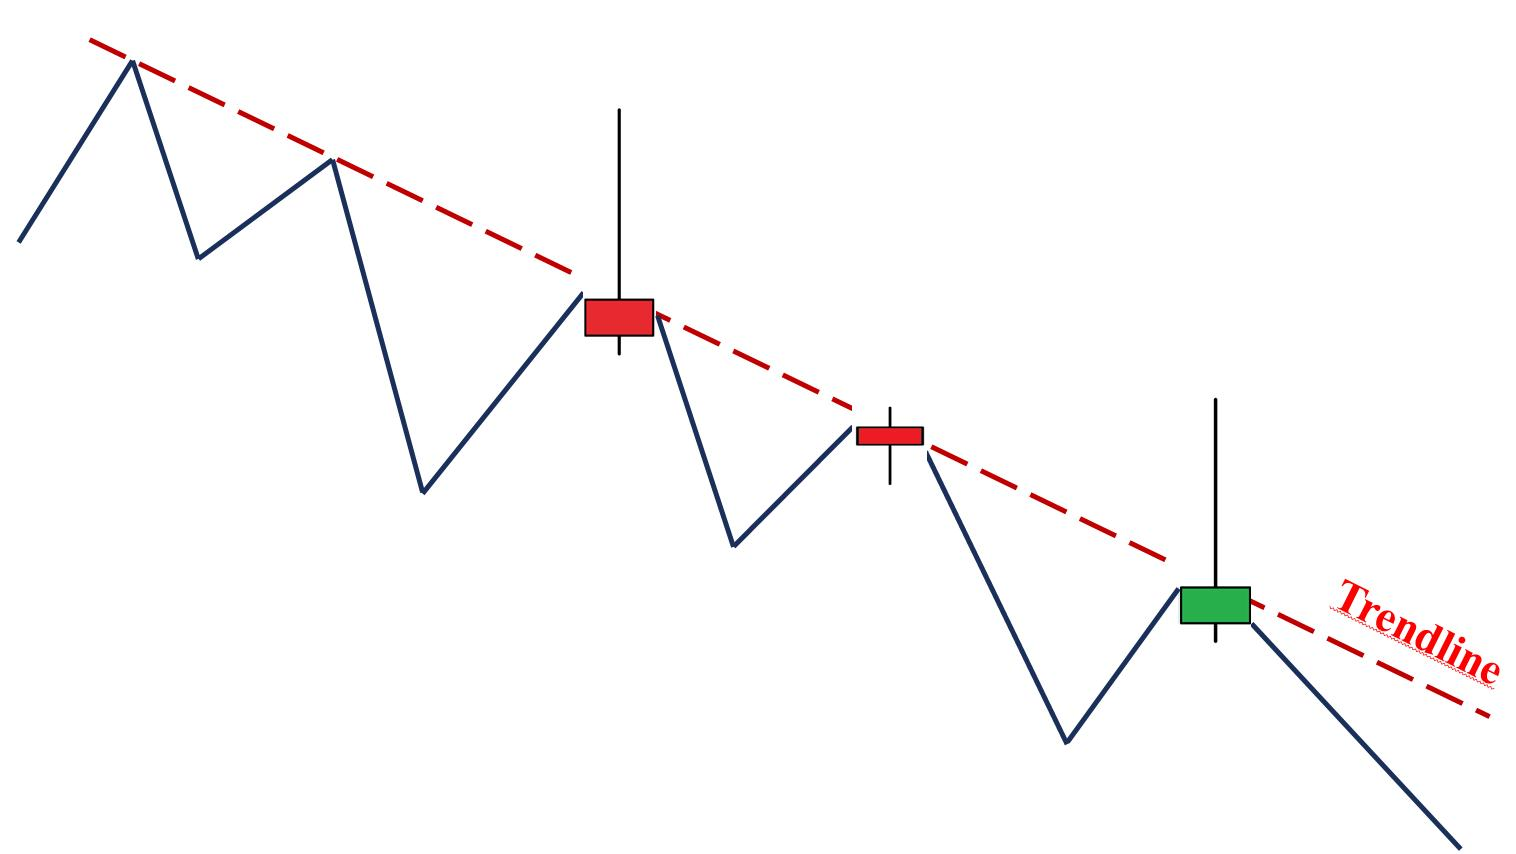 Đường Trendline kết hợp với nến Doji và Bearish Pin Bar - Xu hướng giảm